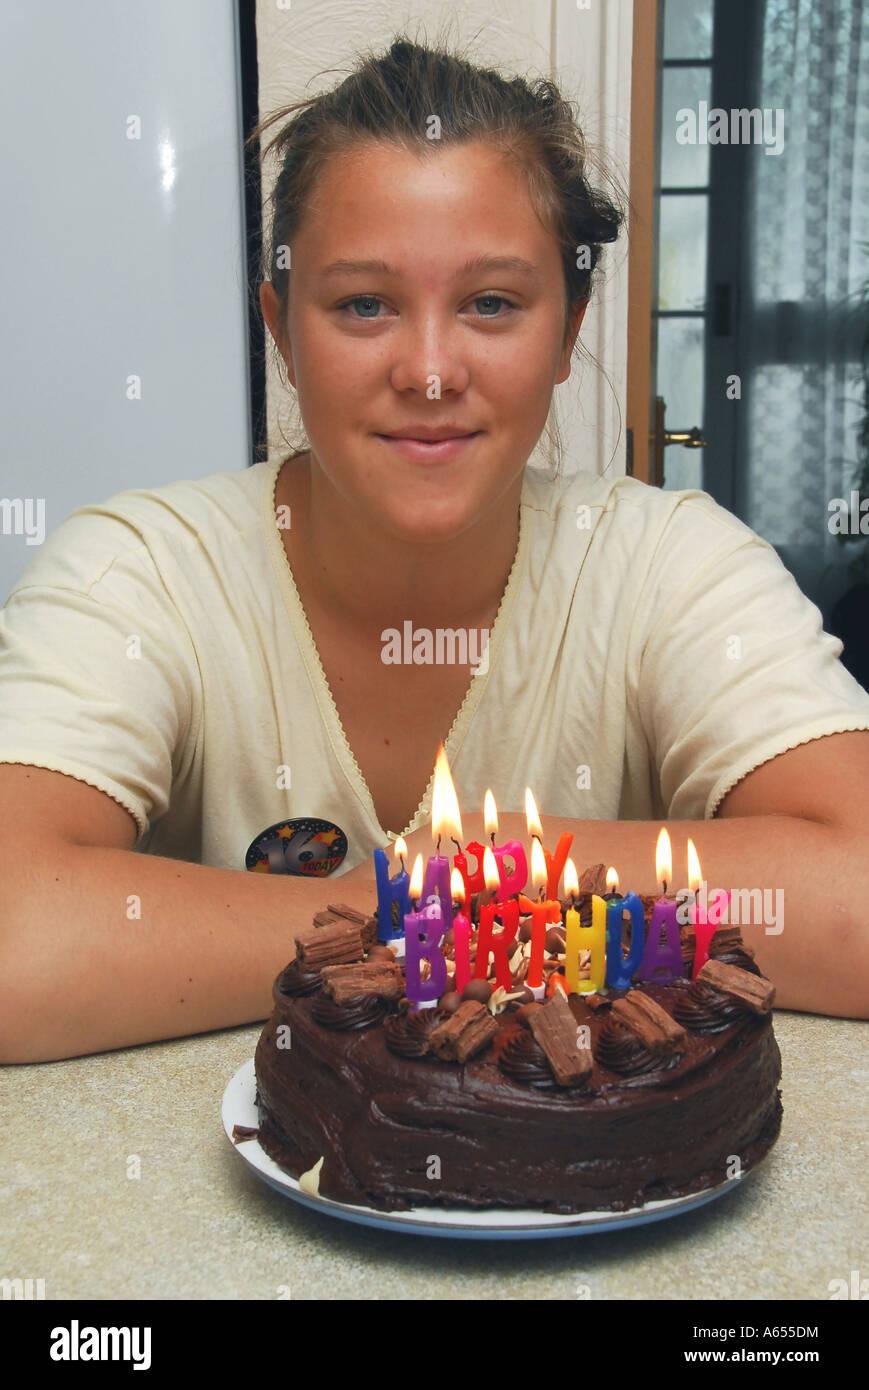 Ein Junges Madchen Feiert Ihren 16 Geburtstag Mit Hilfe Einer